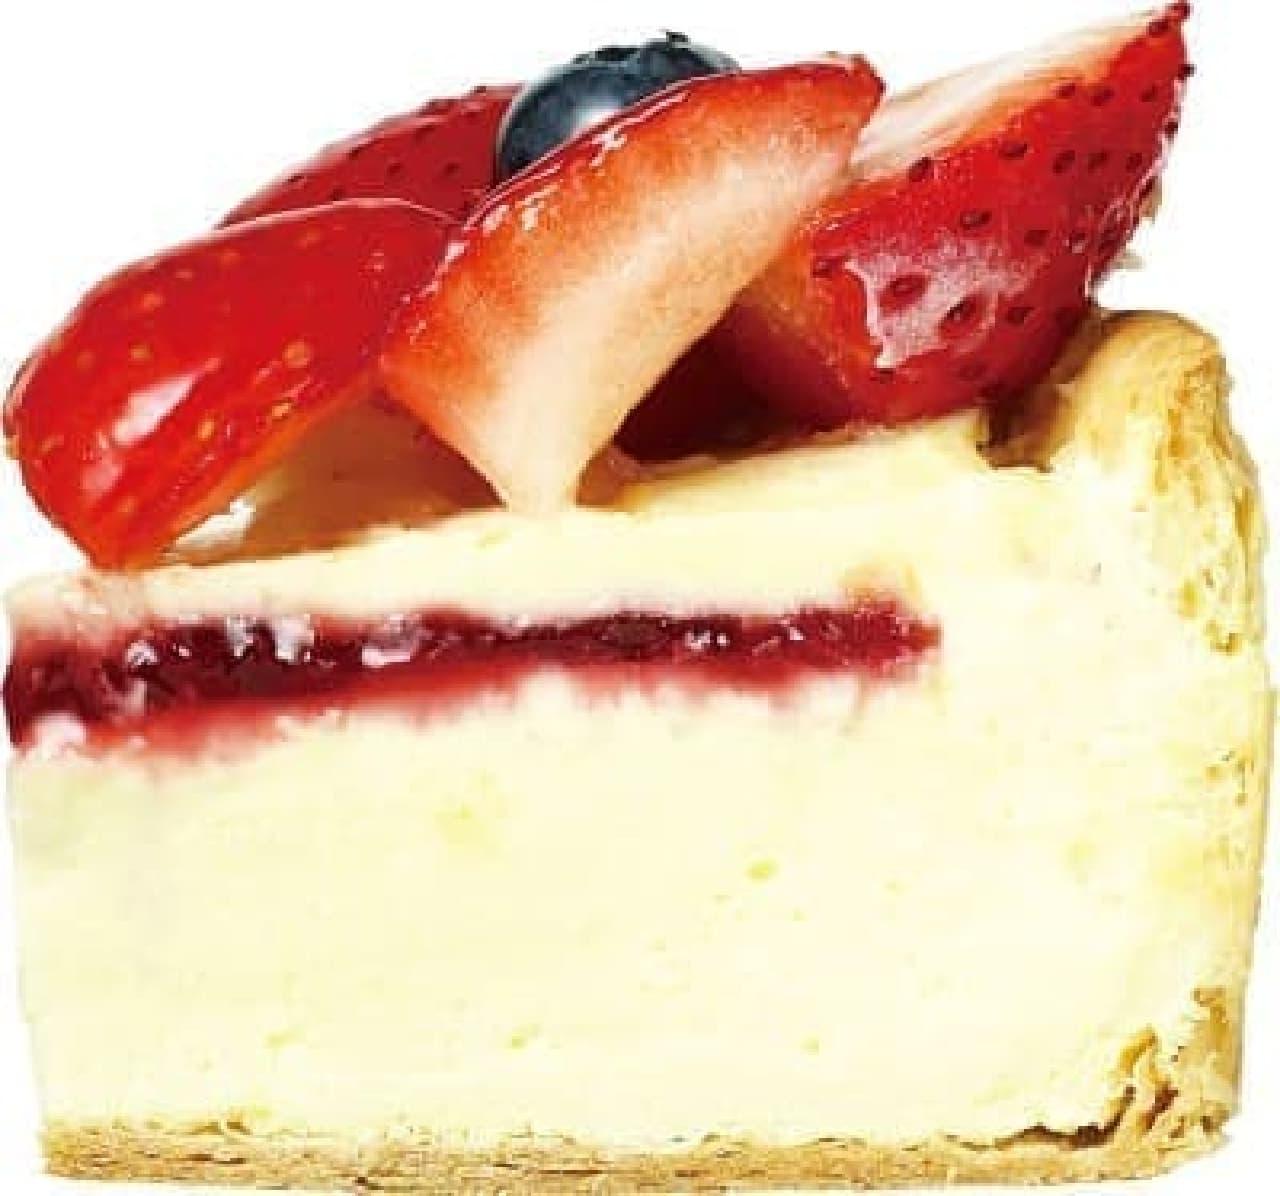 焼きたてチーズタルト専門店PABLO「たっぷりいちごのチーズタルト」